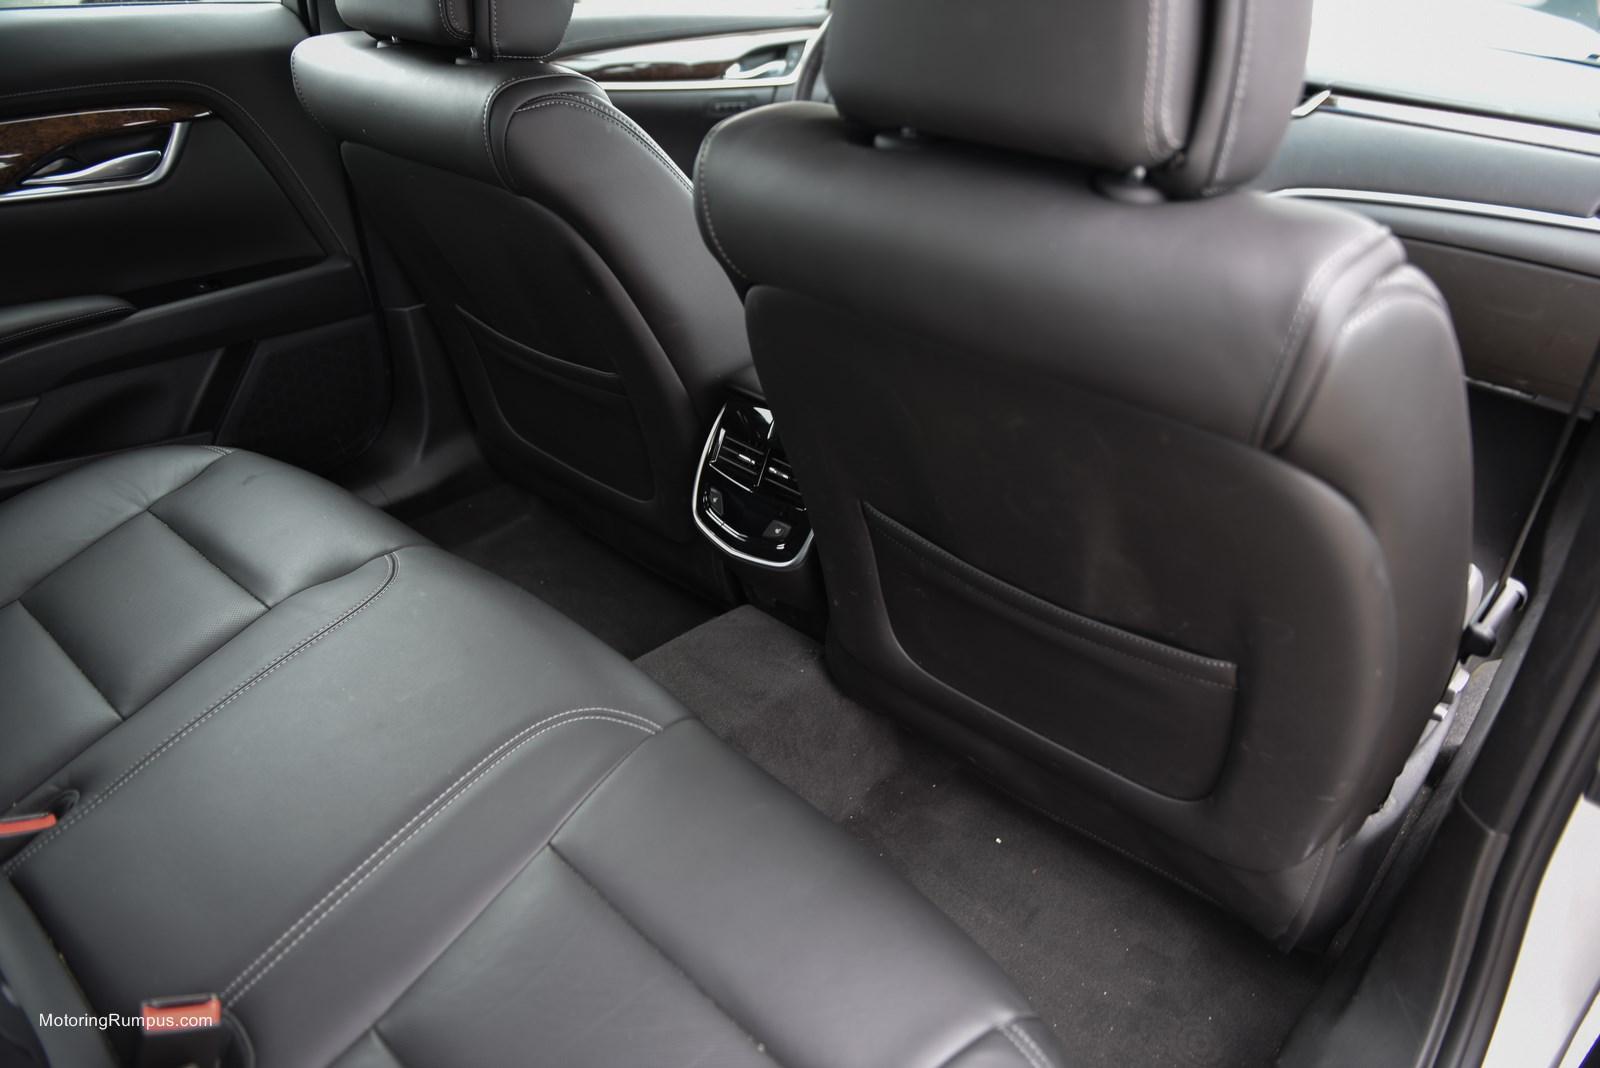 2014 Cadillac XTS Rear Seats